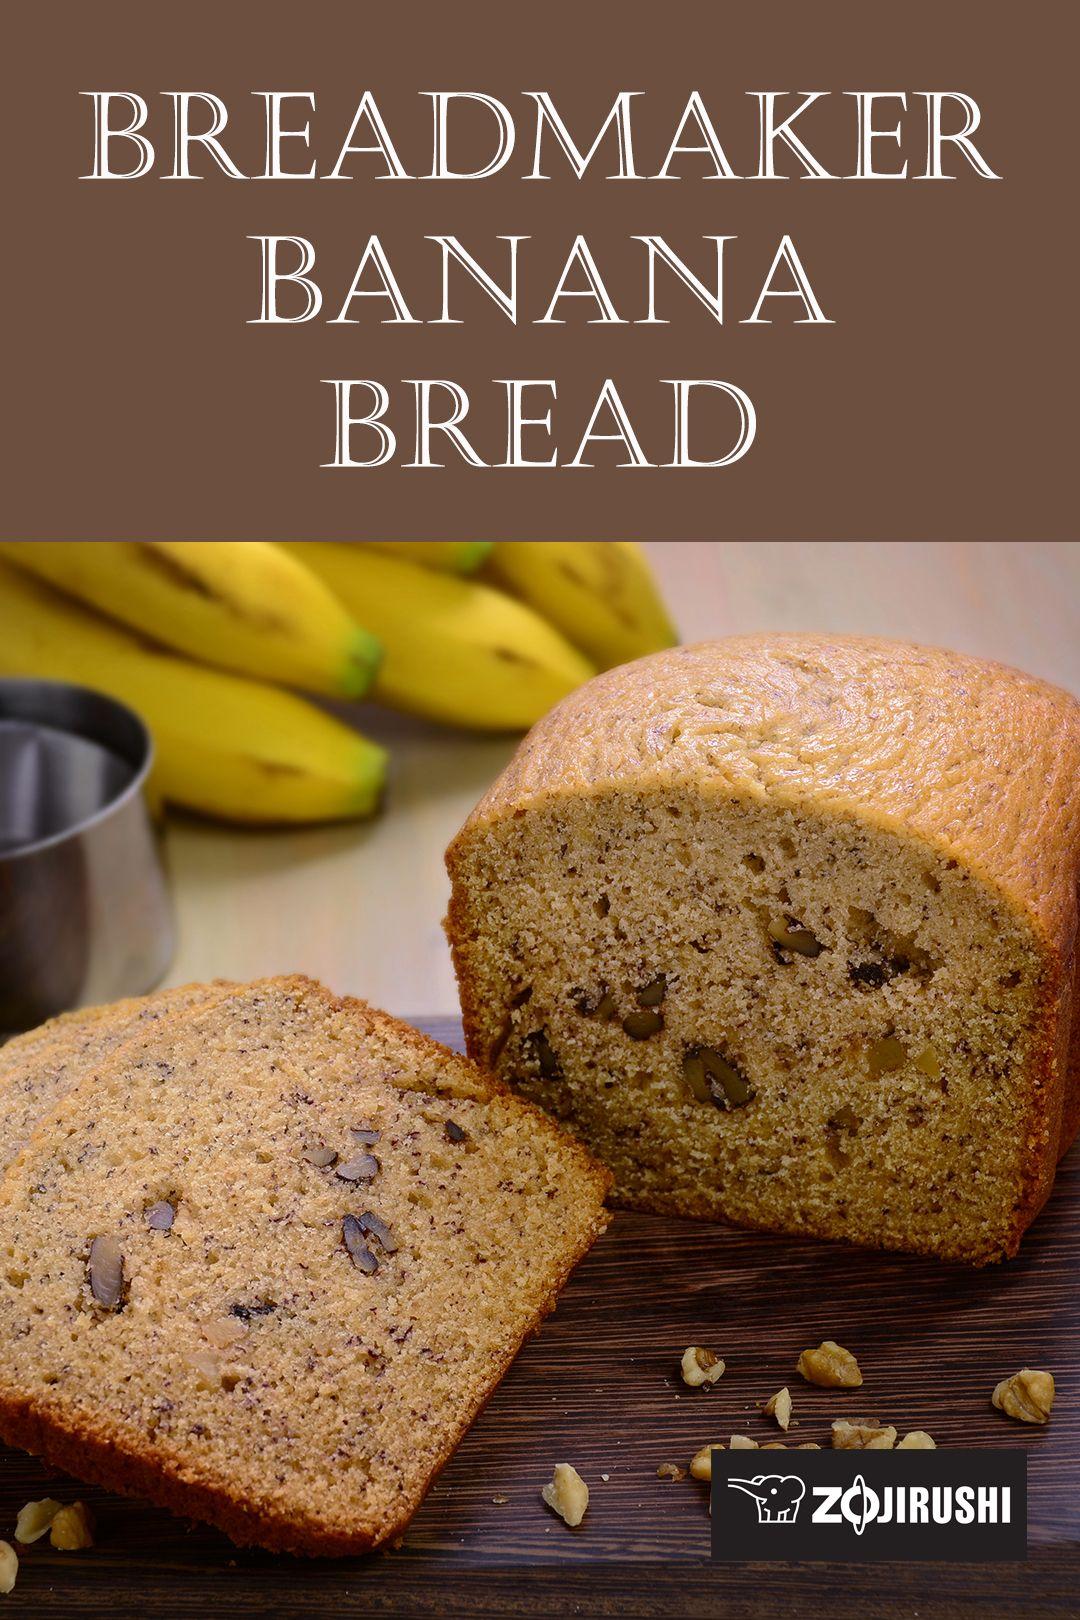 Easy Breadmaker Banana Bread Bread Maker Recipes Bread Maker Banana Bread Bread Recipes Sweet